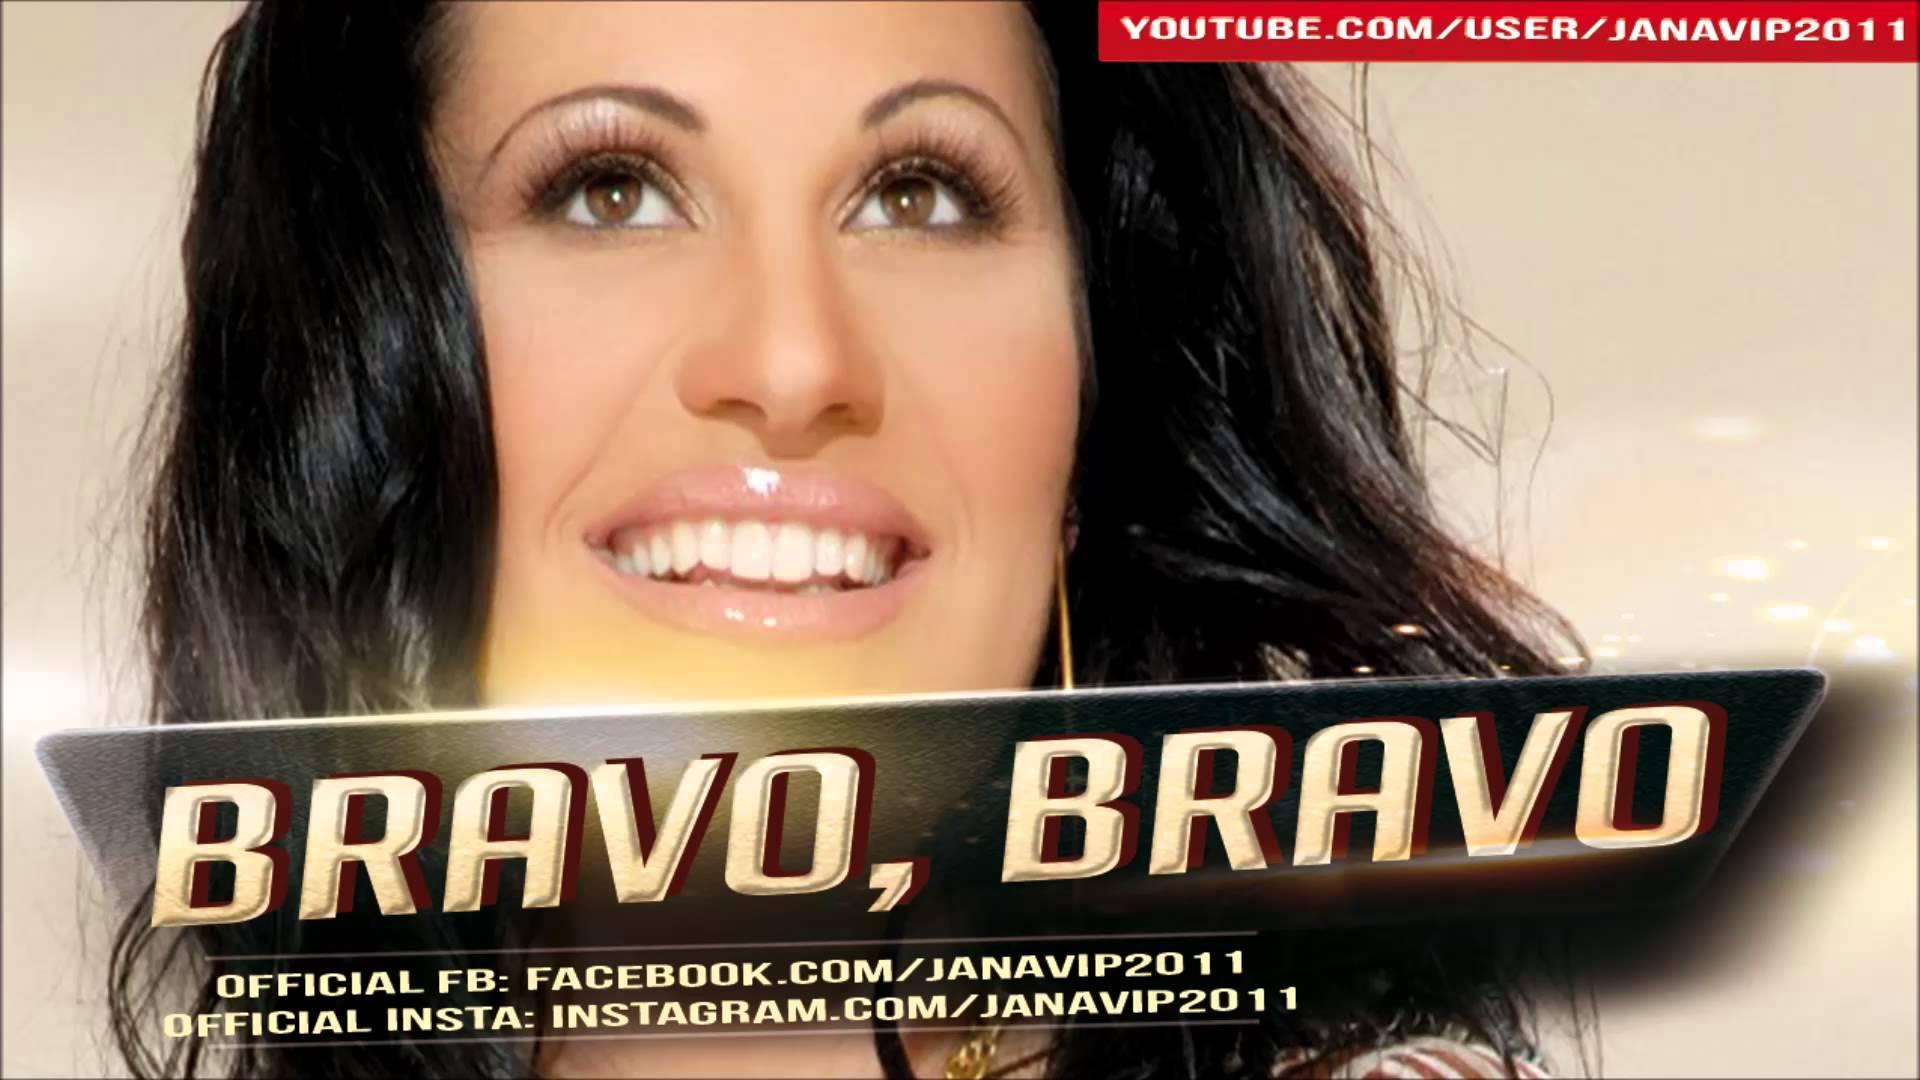 Jana - 2015 - Bravo, Bravo